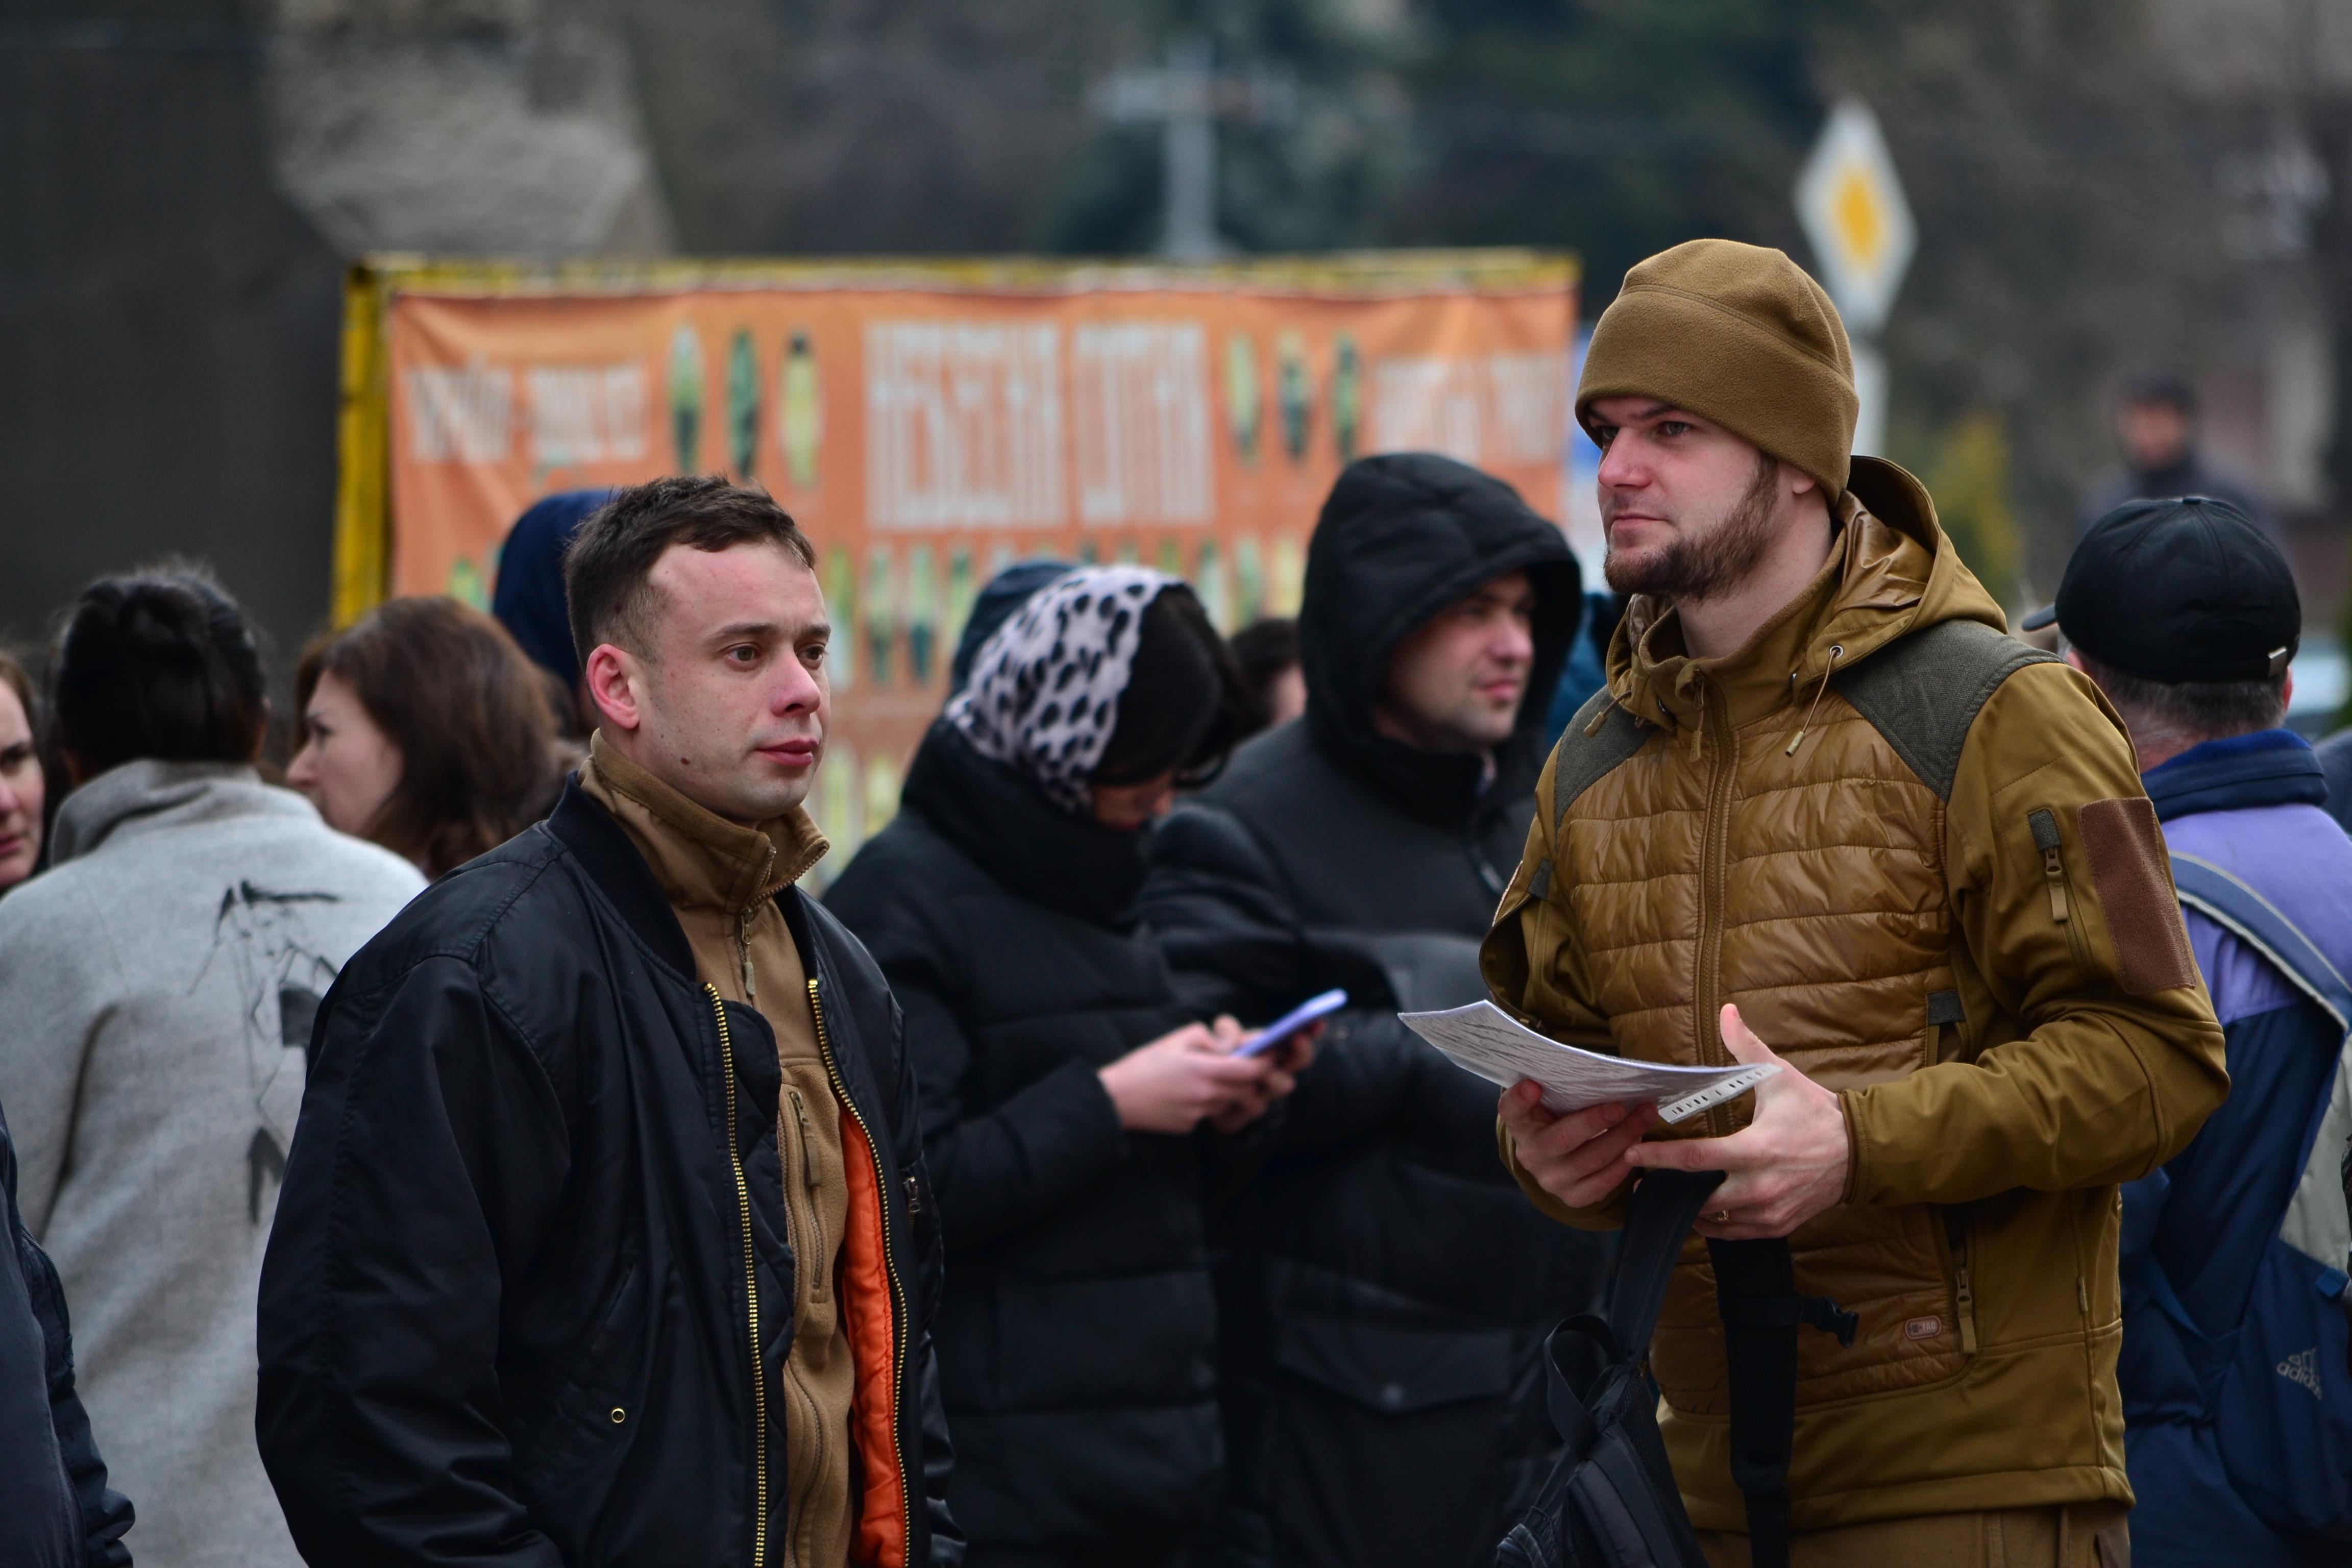 DSC 0840 1 - Ці воїни наповнюють наші серця: в Житомирі відзначили День українського добровольця (ФОТО)